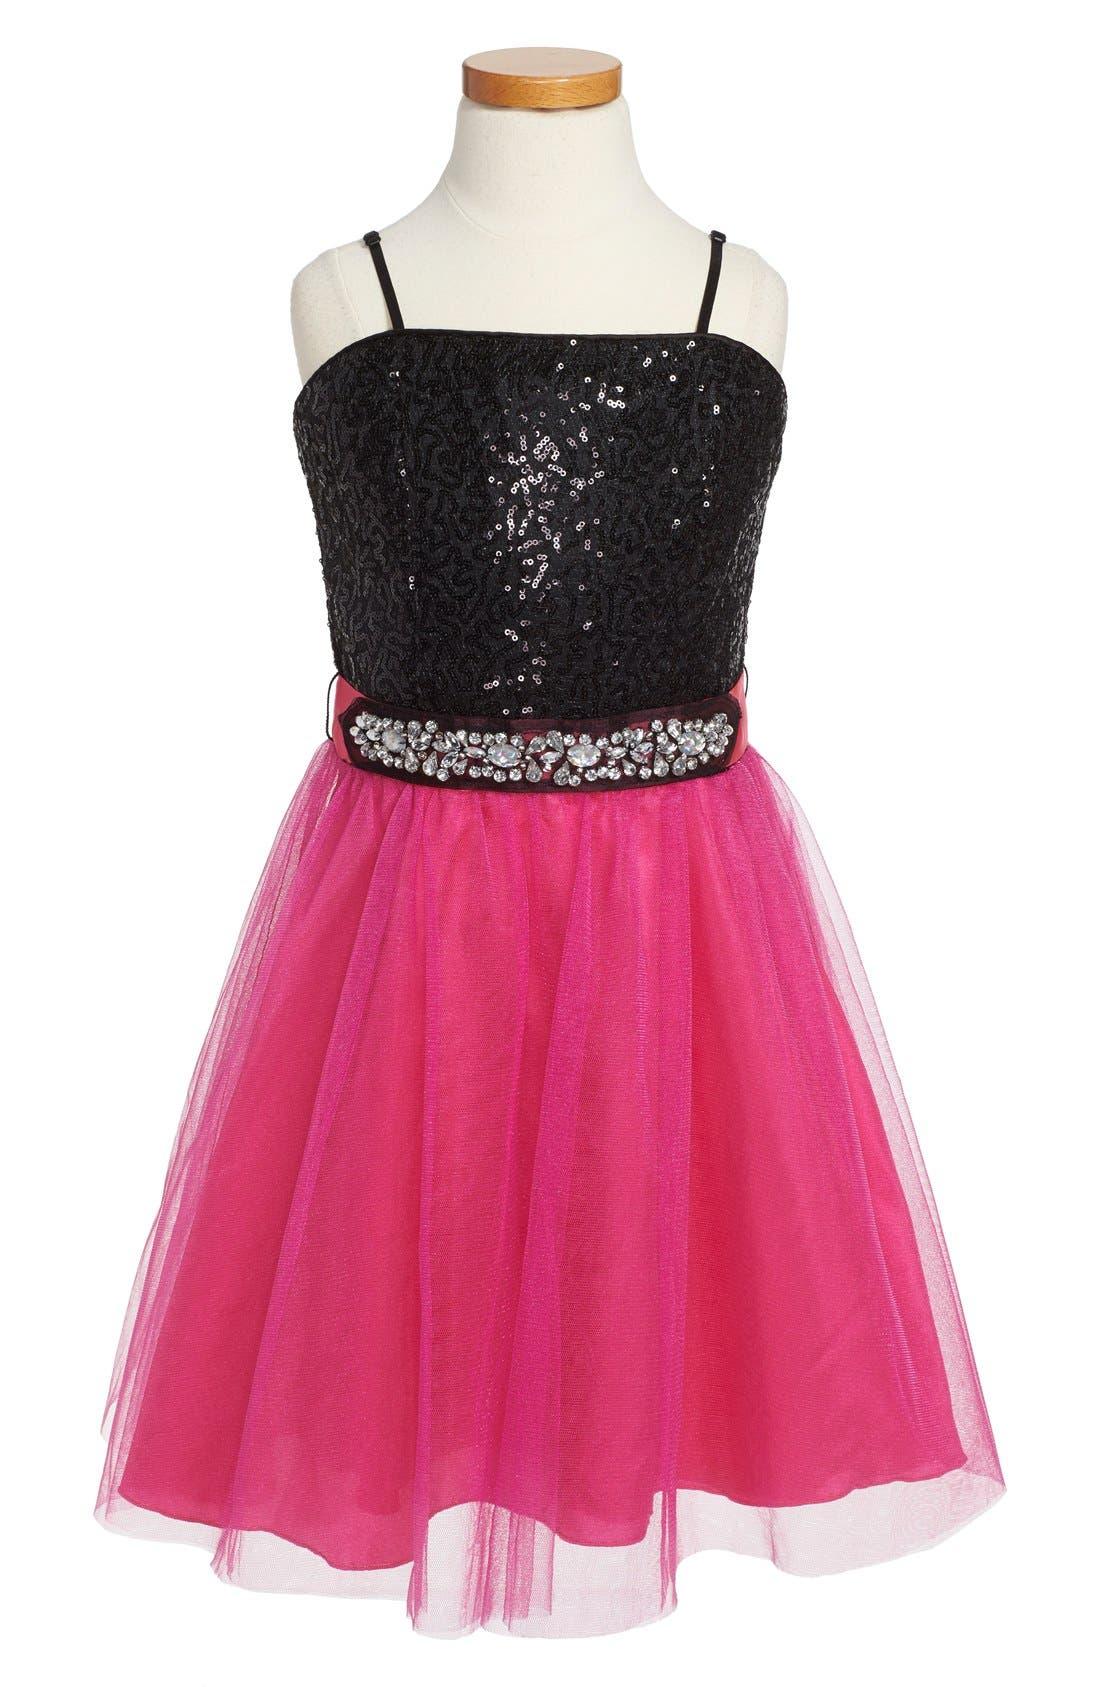 Alternate Image 1 Selected - Un Deux Trois Sequin Party Dress (Big Girls)